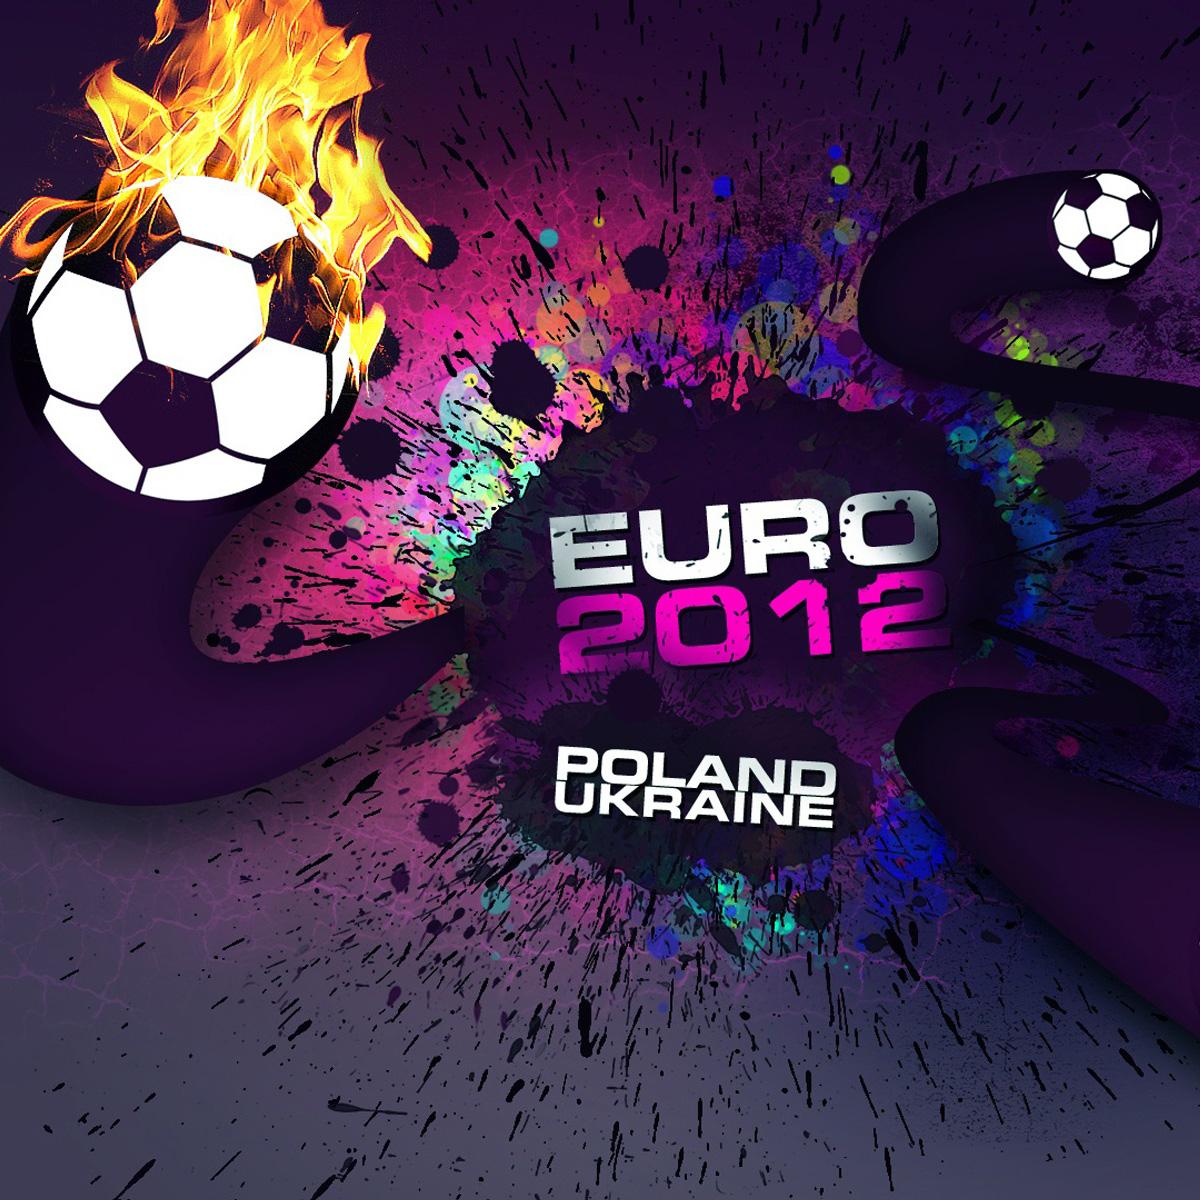 http://2.bp.blogspot.com/-zFmUMhlh1cg/T8QZtNyJGrI/AAAAAAAABHk/gsLHDZUMGj8/s1600/euro-football-2012-wallpaper.jpg